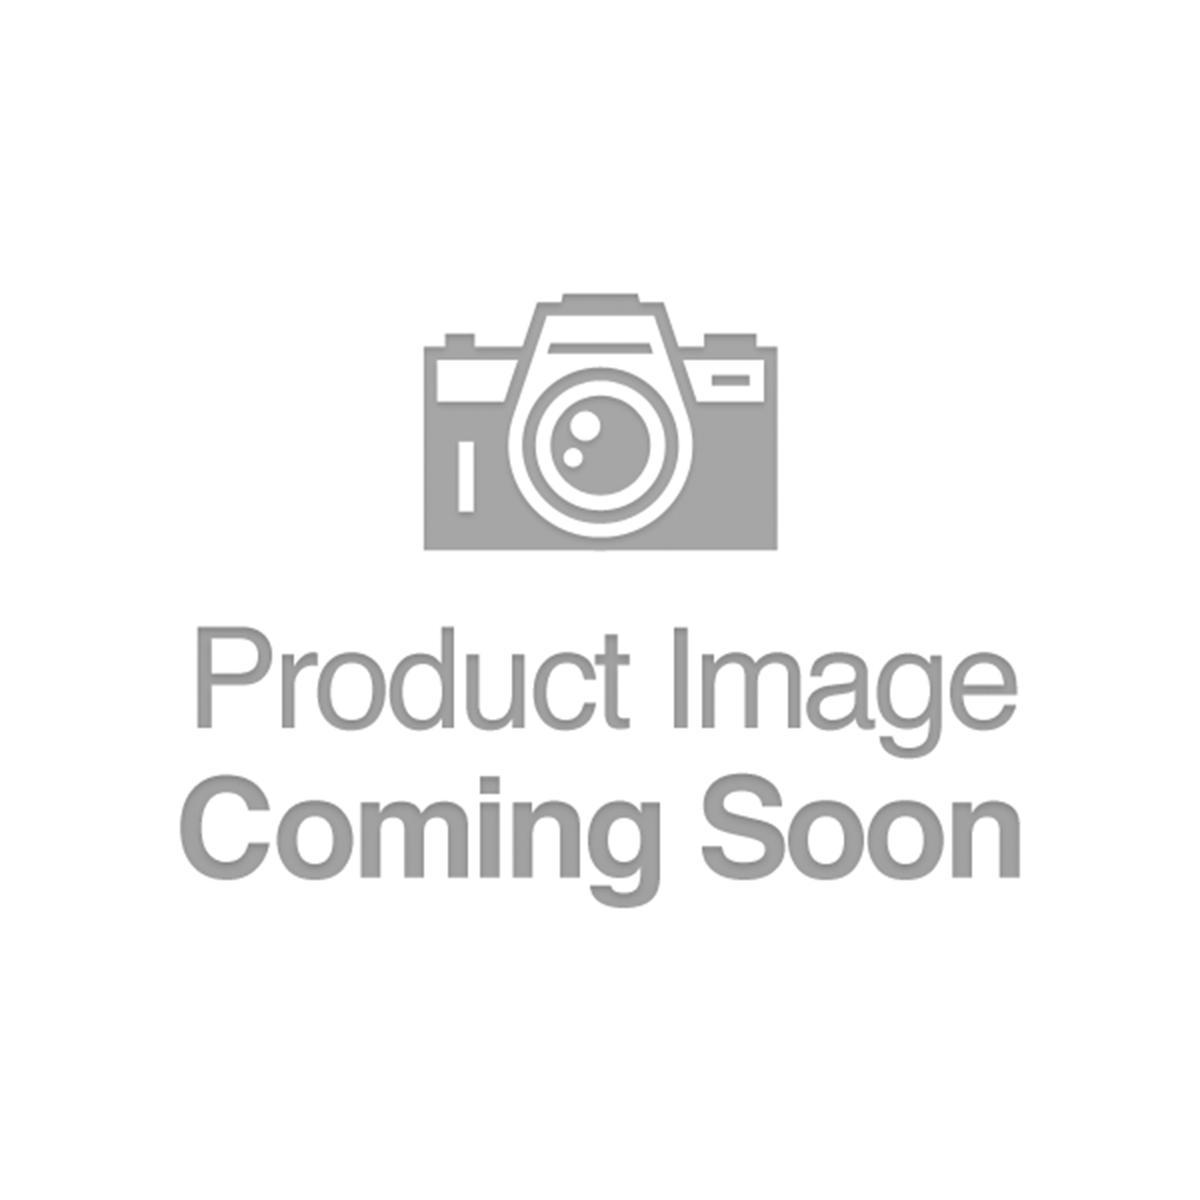 Louisville - Kentucky - CH 2062 - FR 389 - PCGS 15A